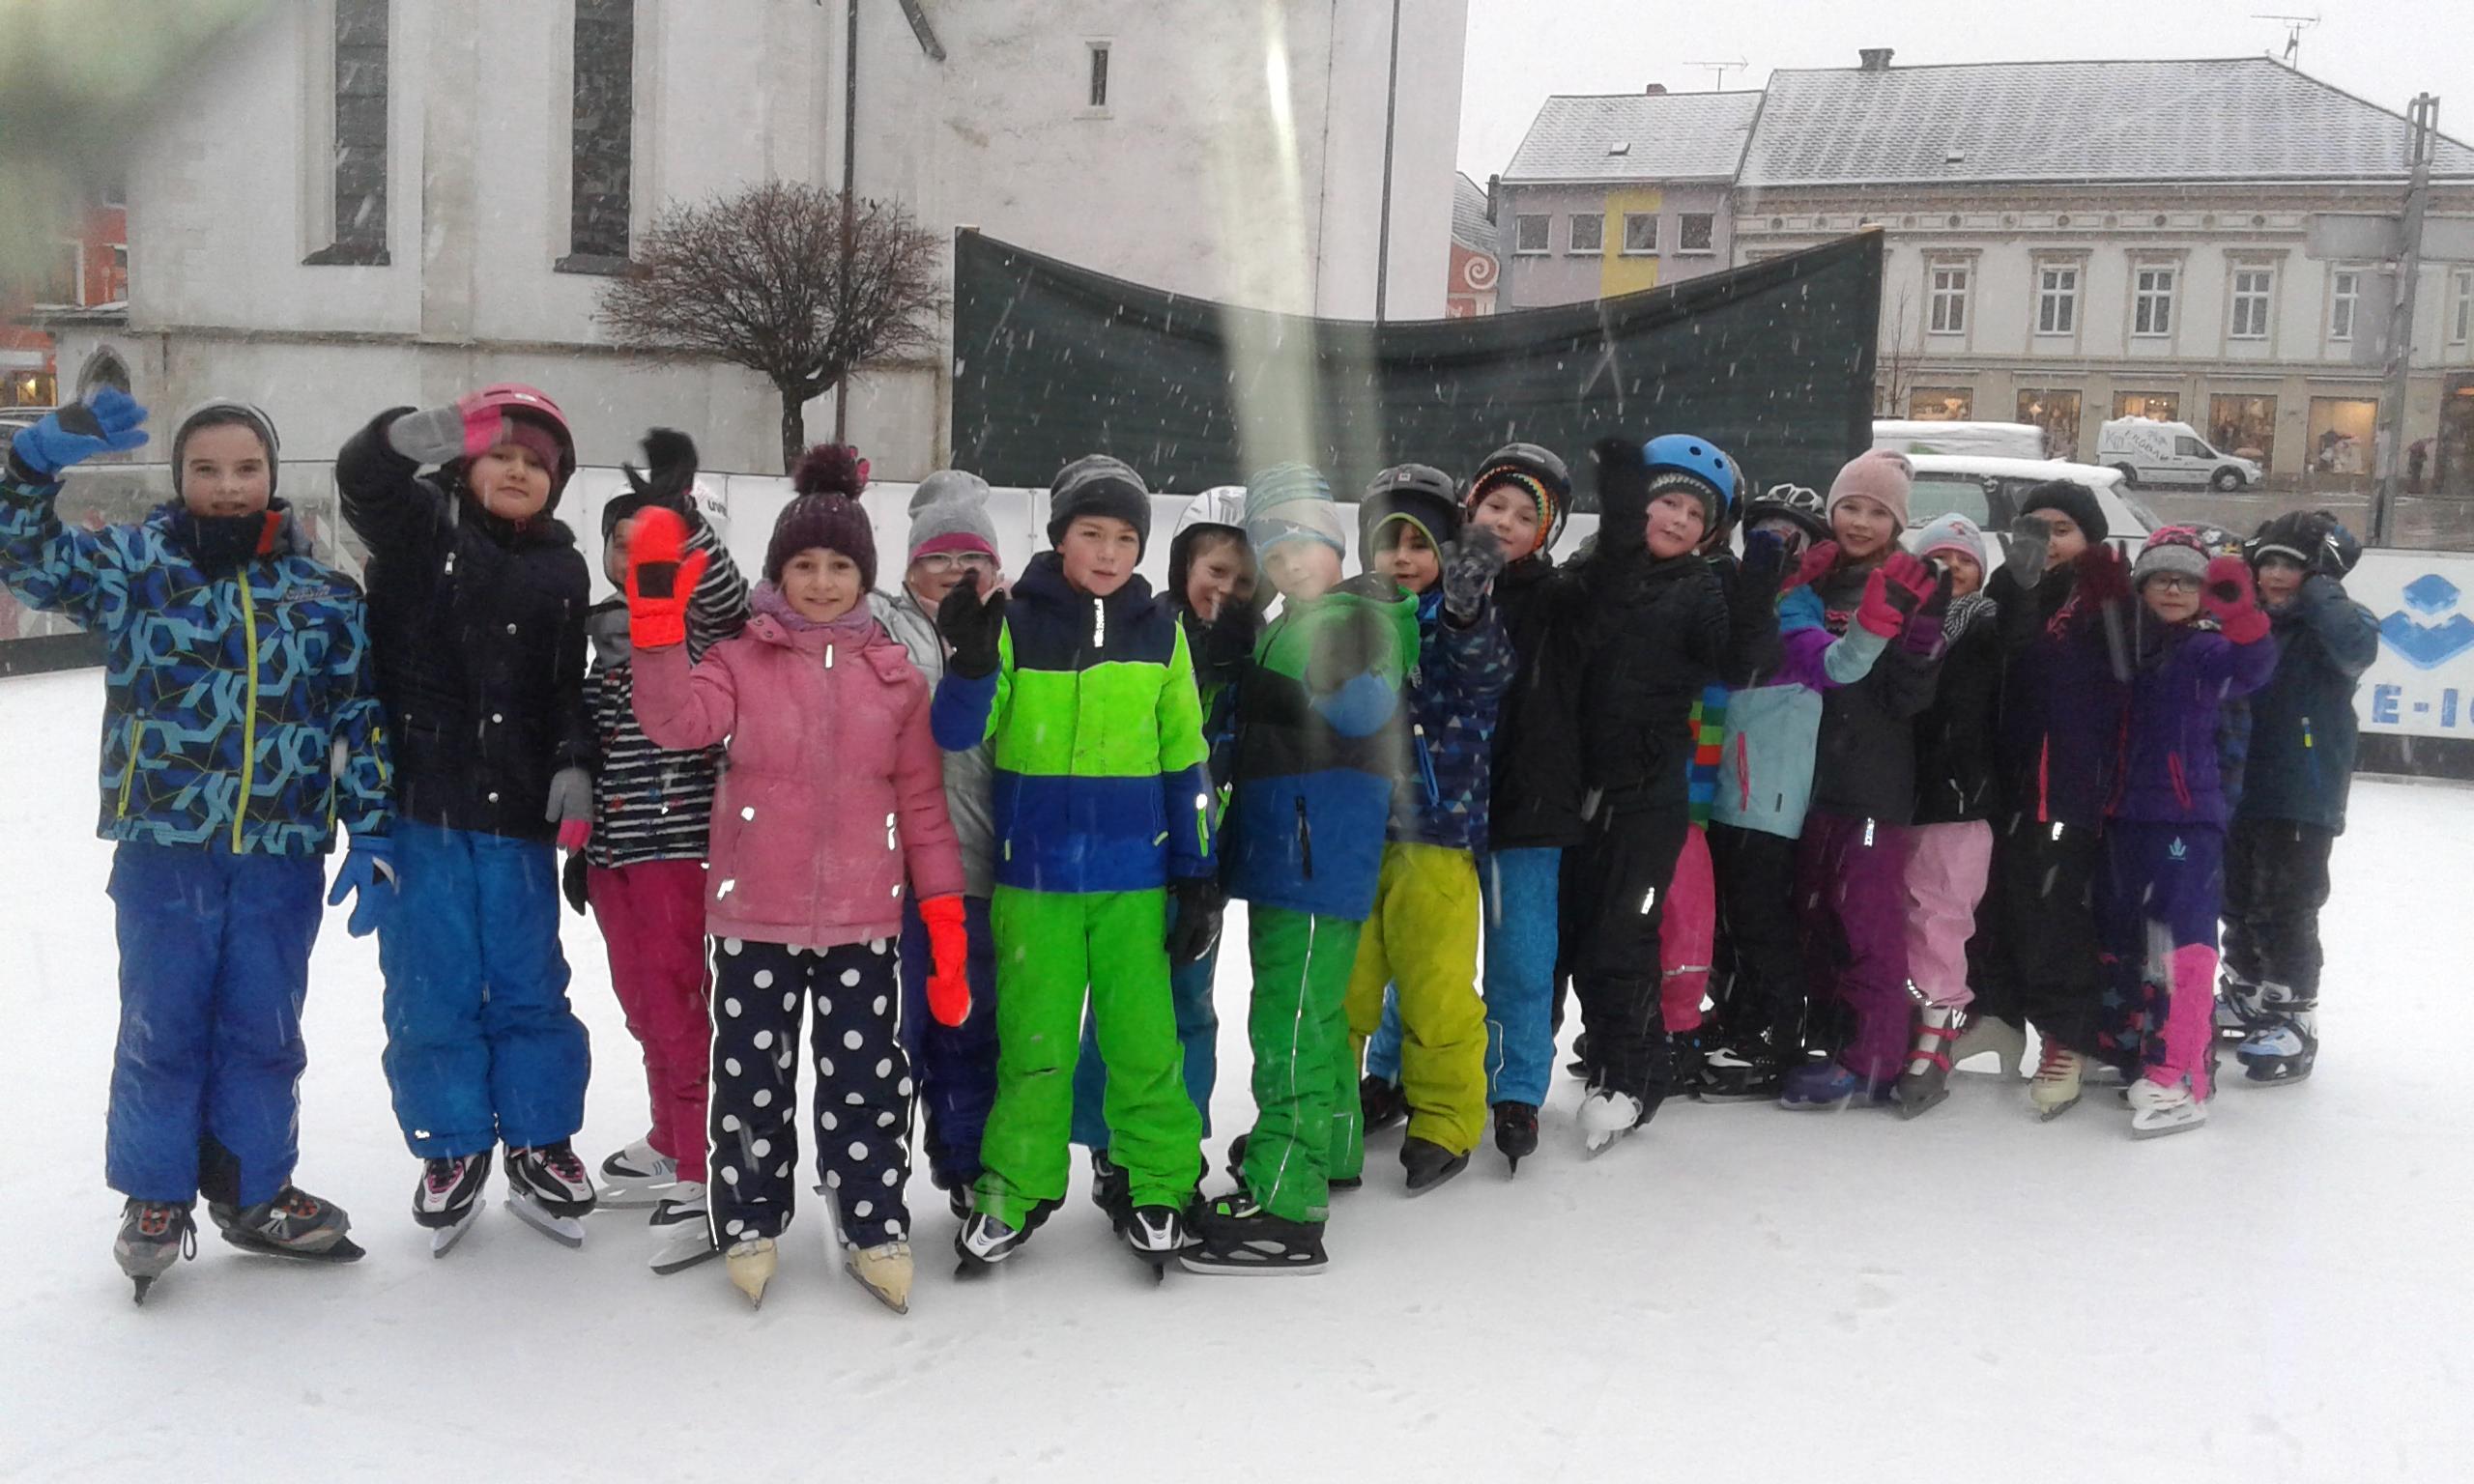 Eislaufen auf dem Hauptplatz